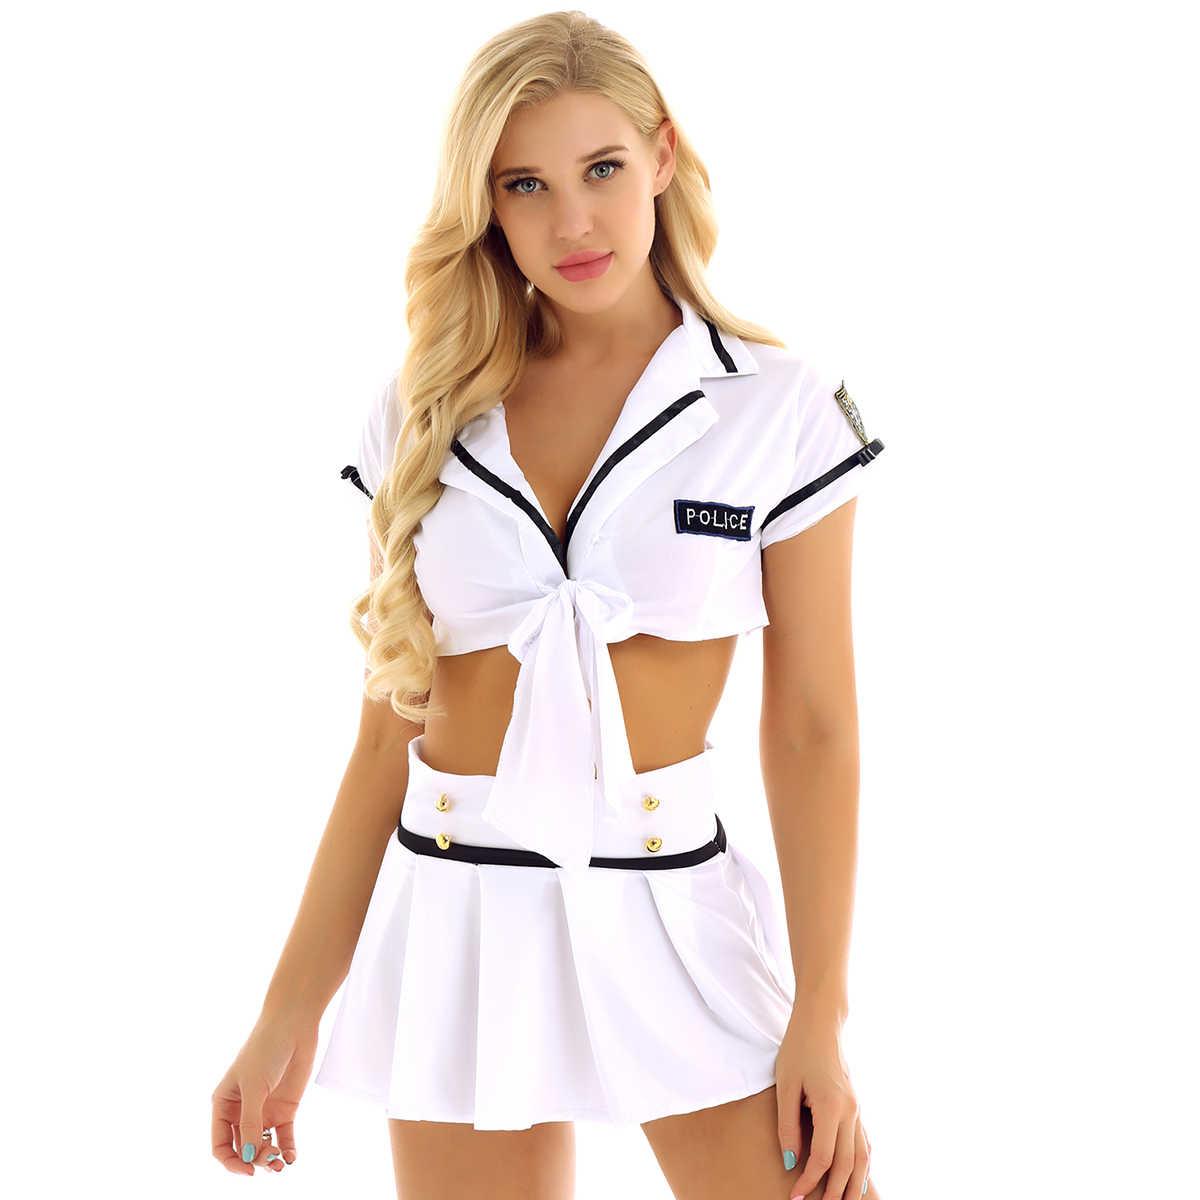 Frauen Cheerleading Uniform Dessous Anzug Offizier Polizistin Cosplay Cheerleader Kostüme Crop Top mit Falten Mini Rock Set